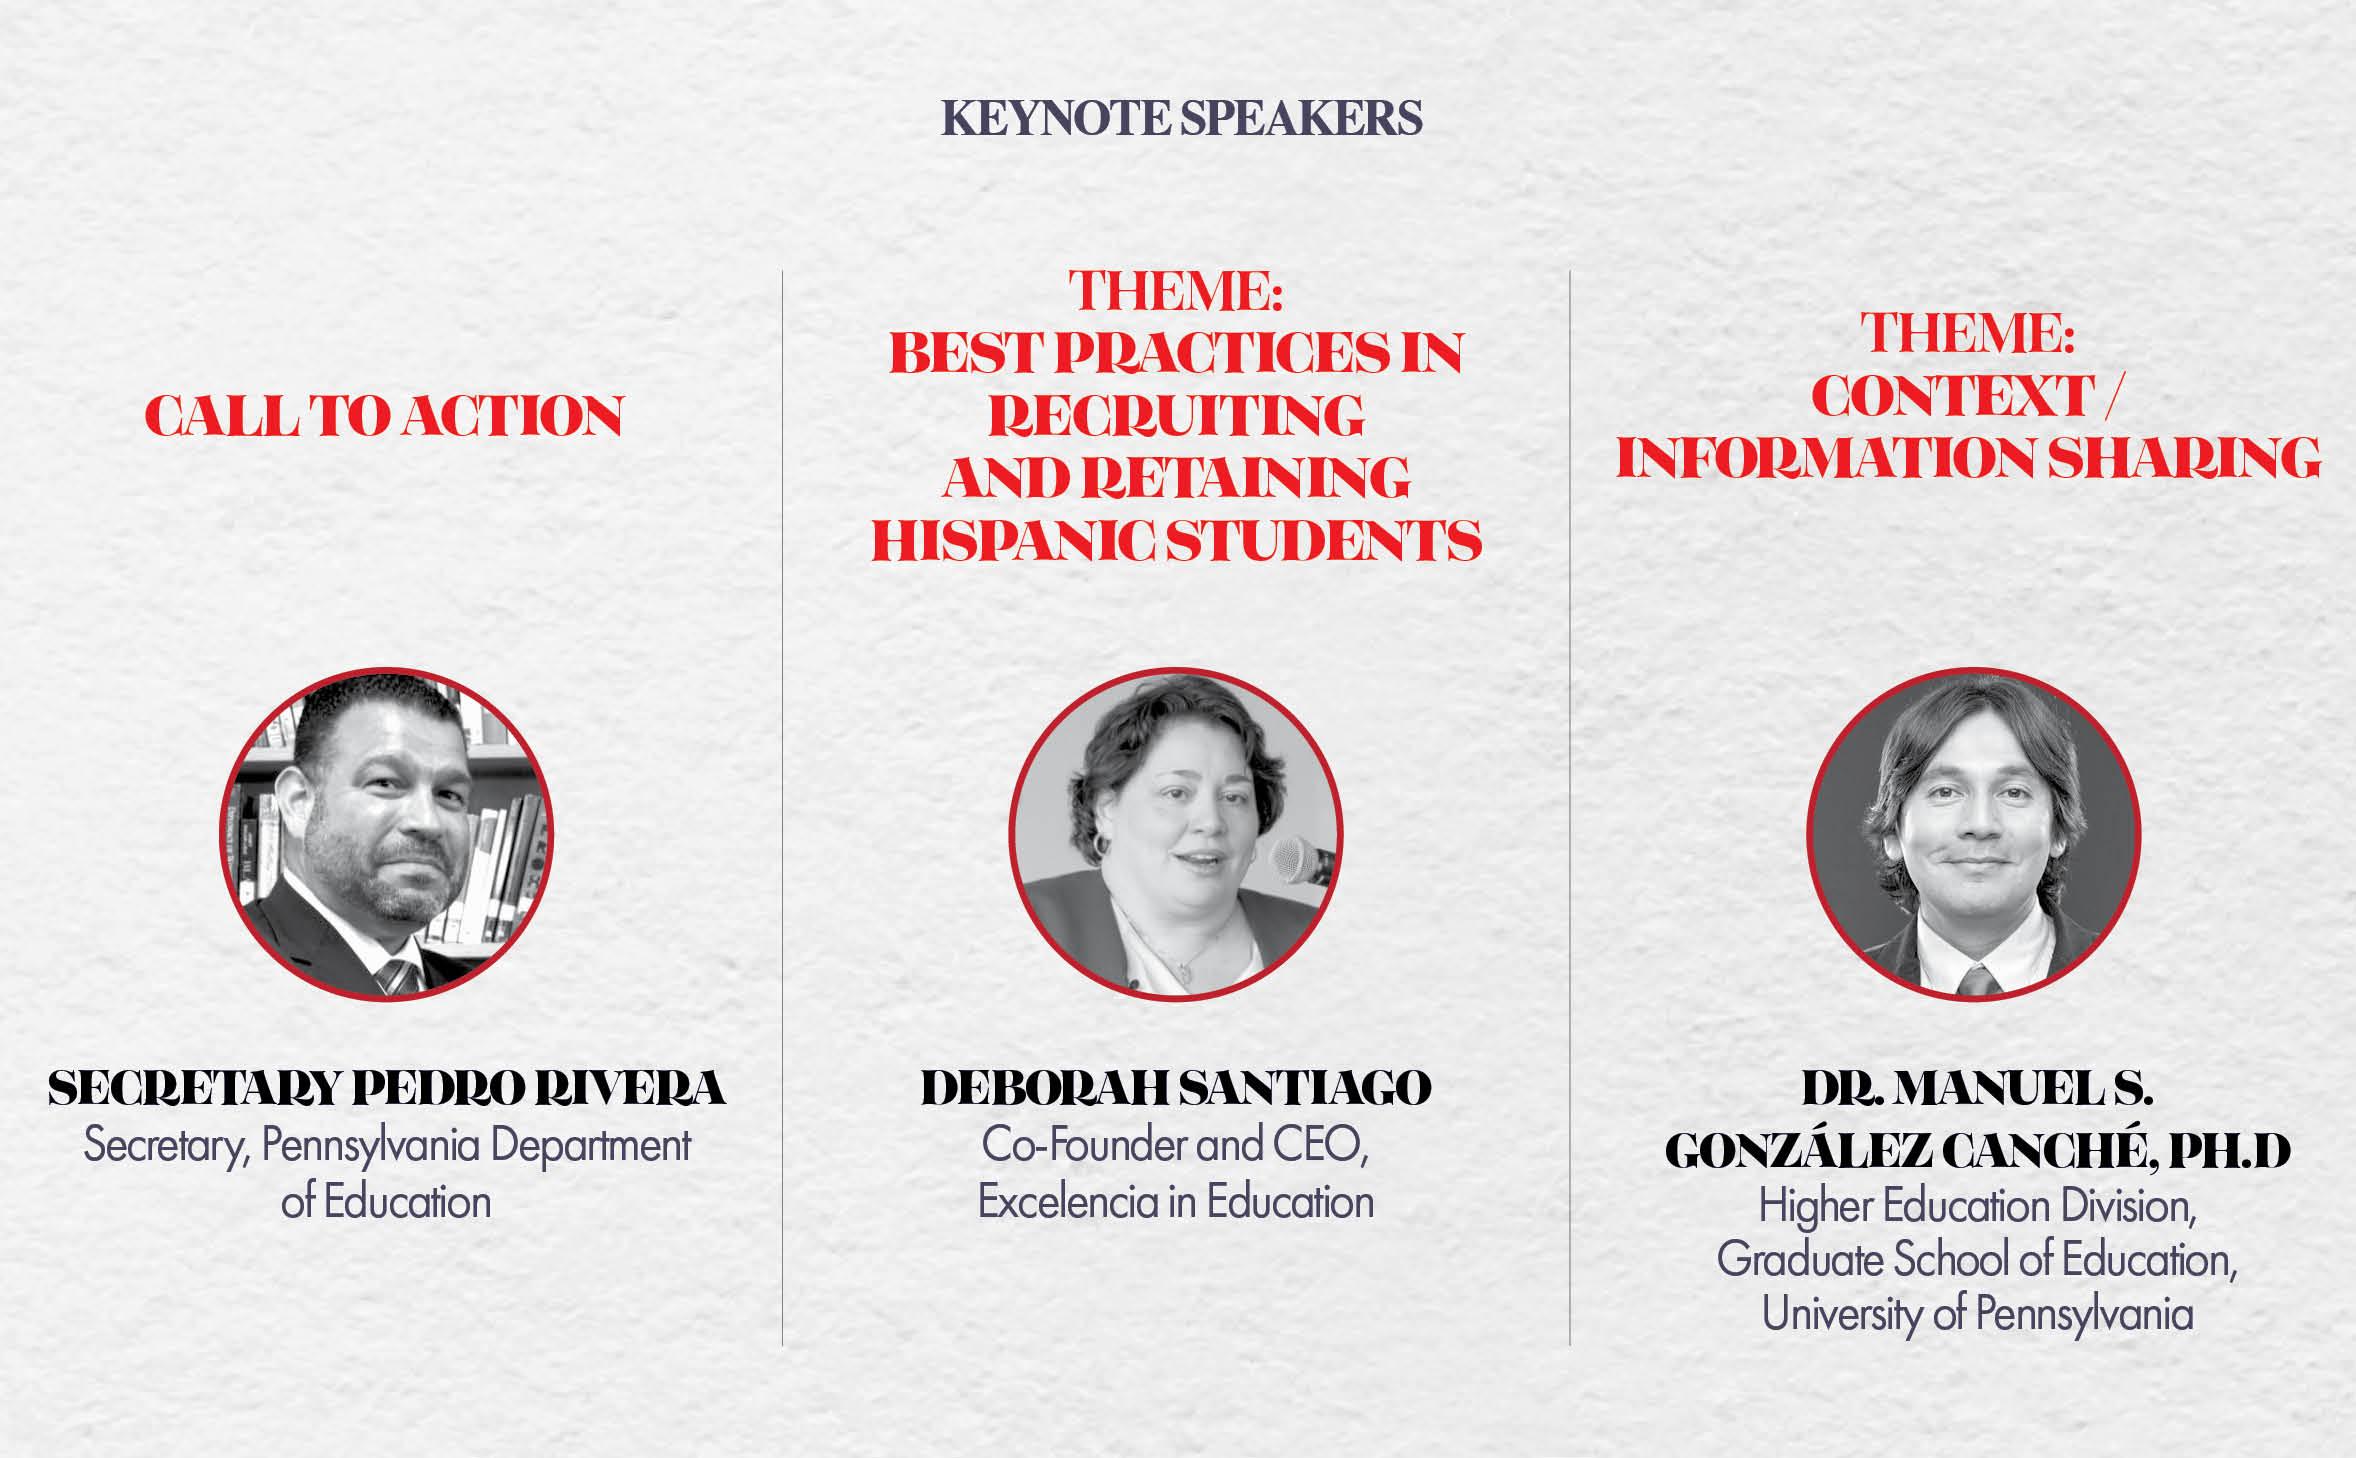 2019 Higher Education Summit Keynote Speakers